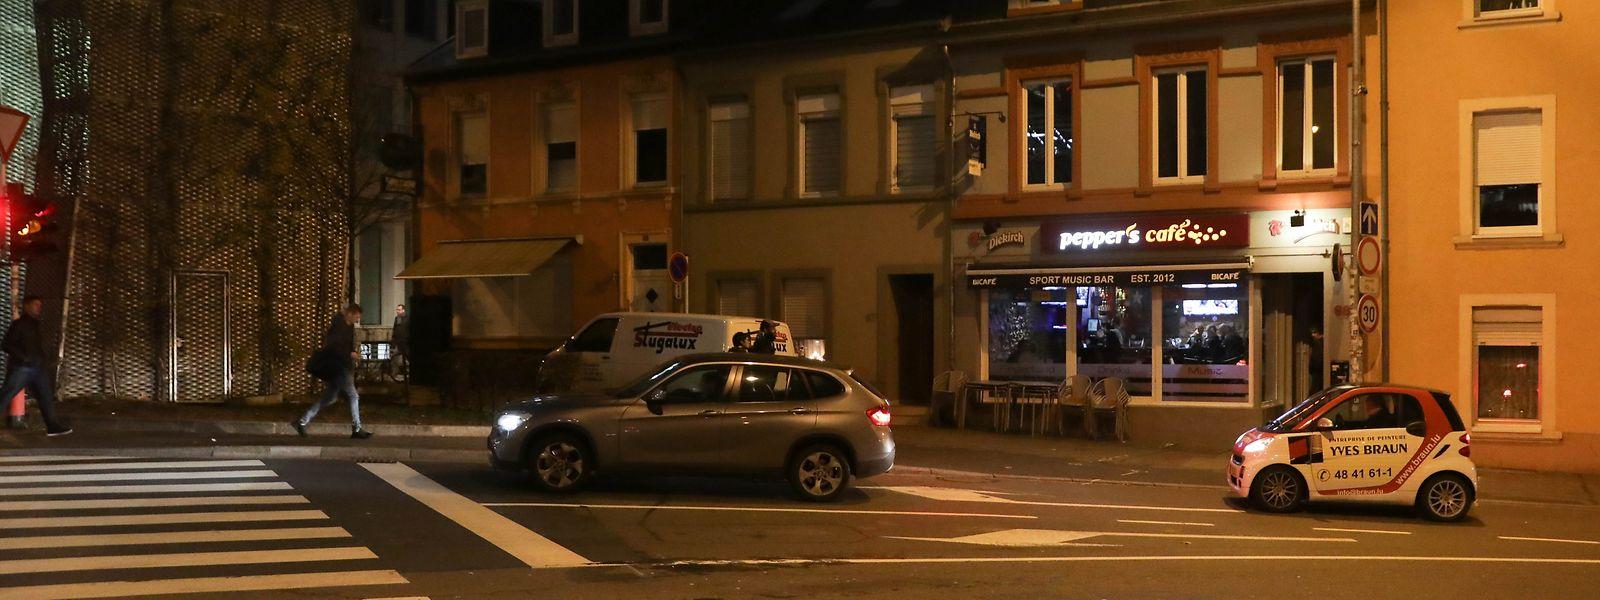 Vor diesem Café in der Rue de Bonnevoie nahm das Geschehen seinen Lauf.